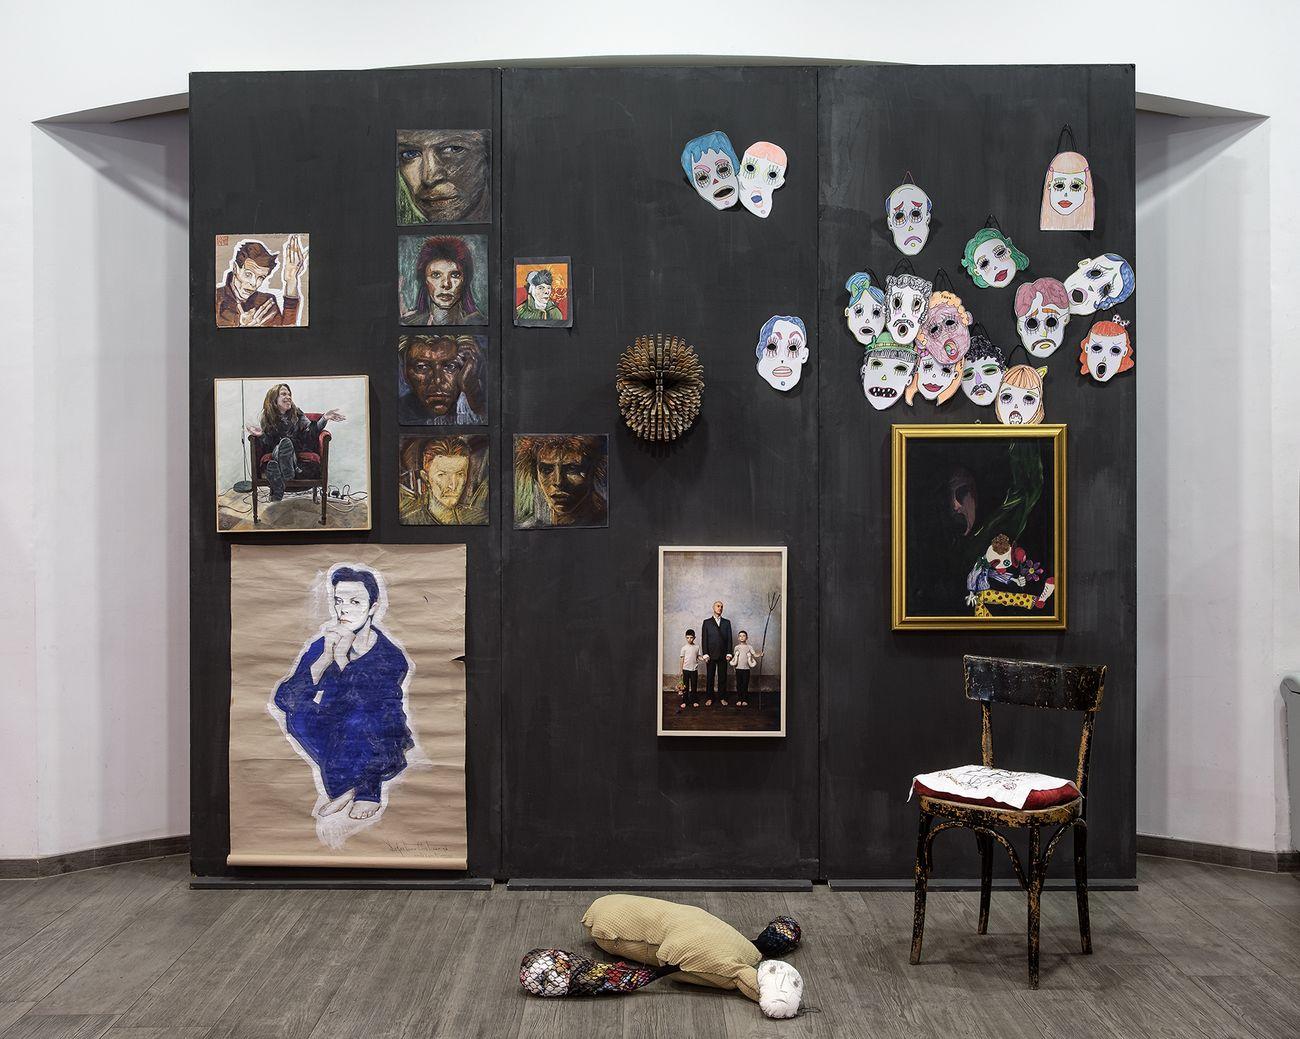 Z/000 Generation. Artisti pugliesi 2000/2020, installation view at Teatro Polifunzionale Anche Cinema, Bari 2020. Photo © Marino Colucci